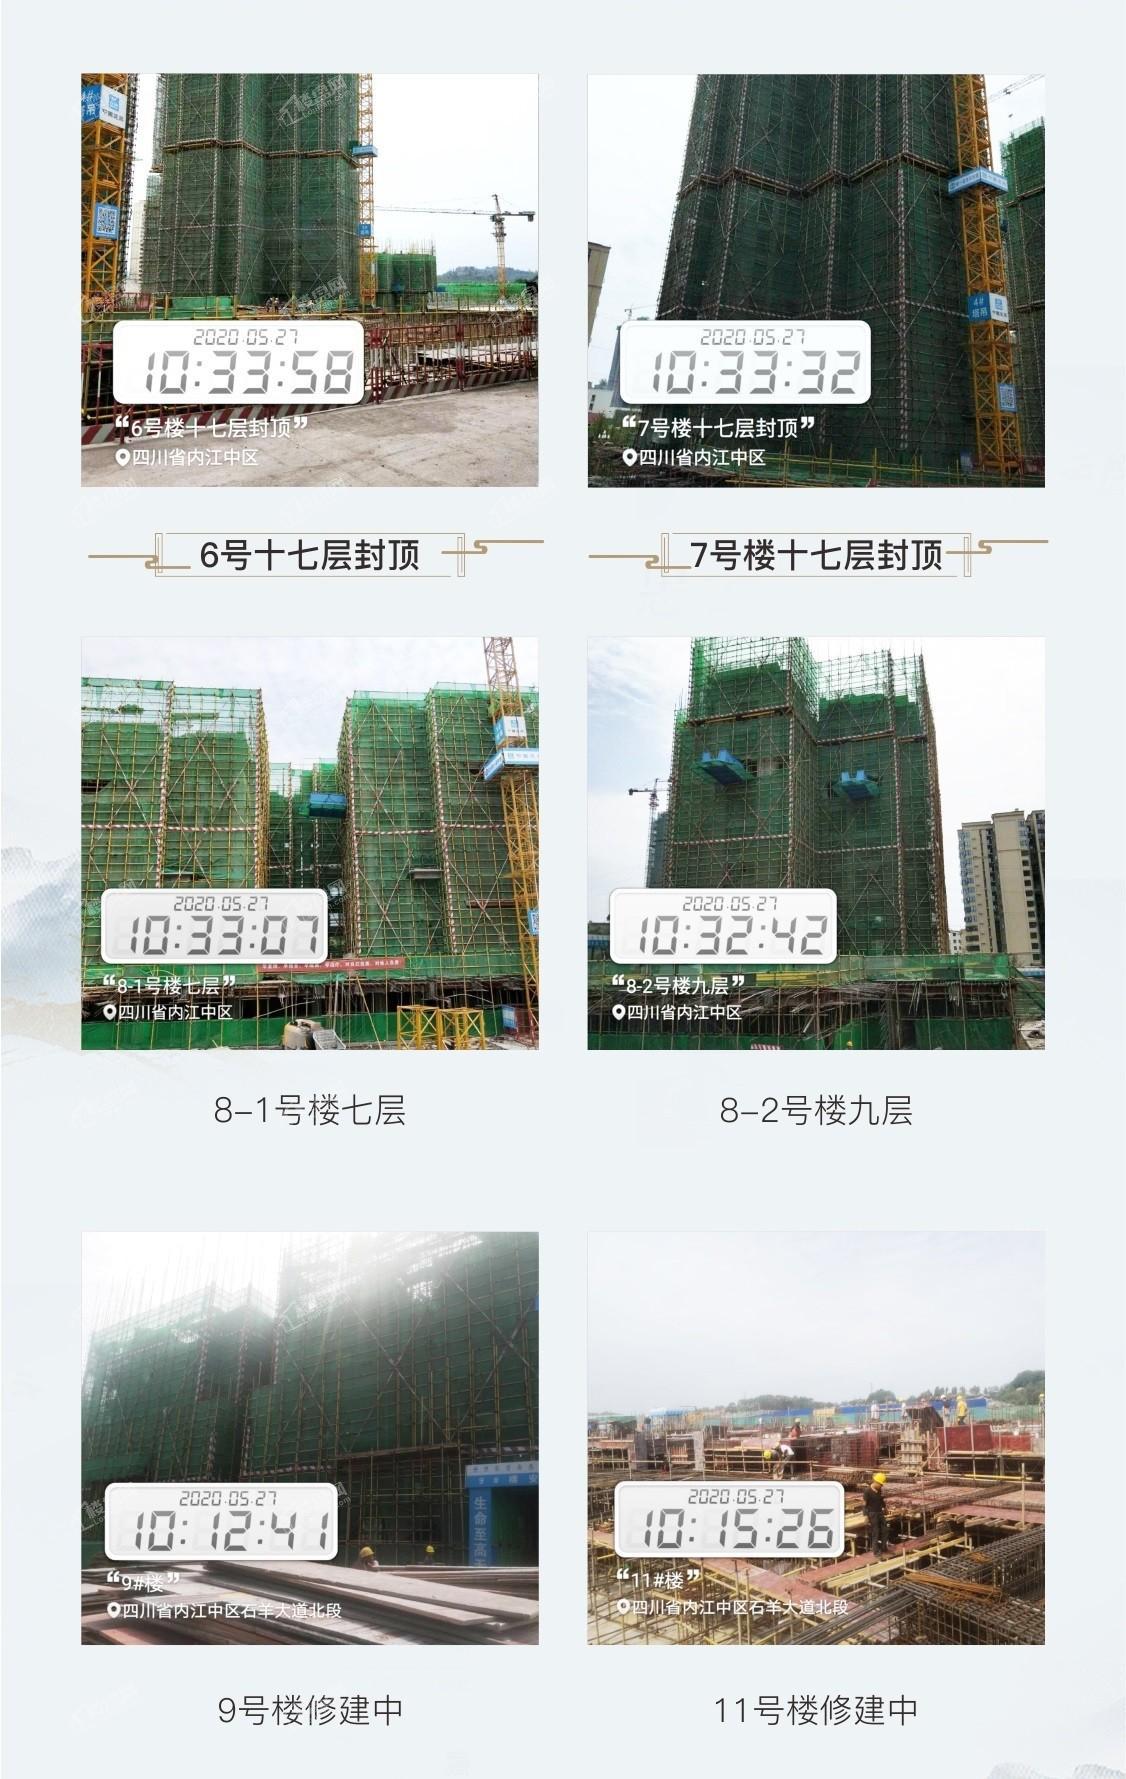 微信图片_20200528154440.jpg